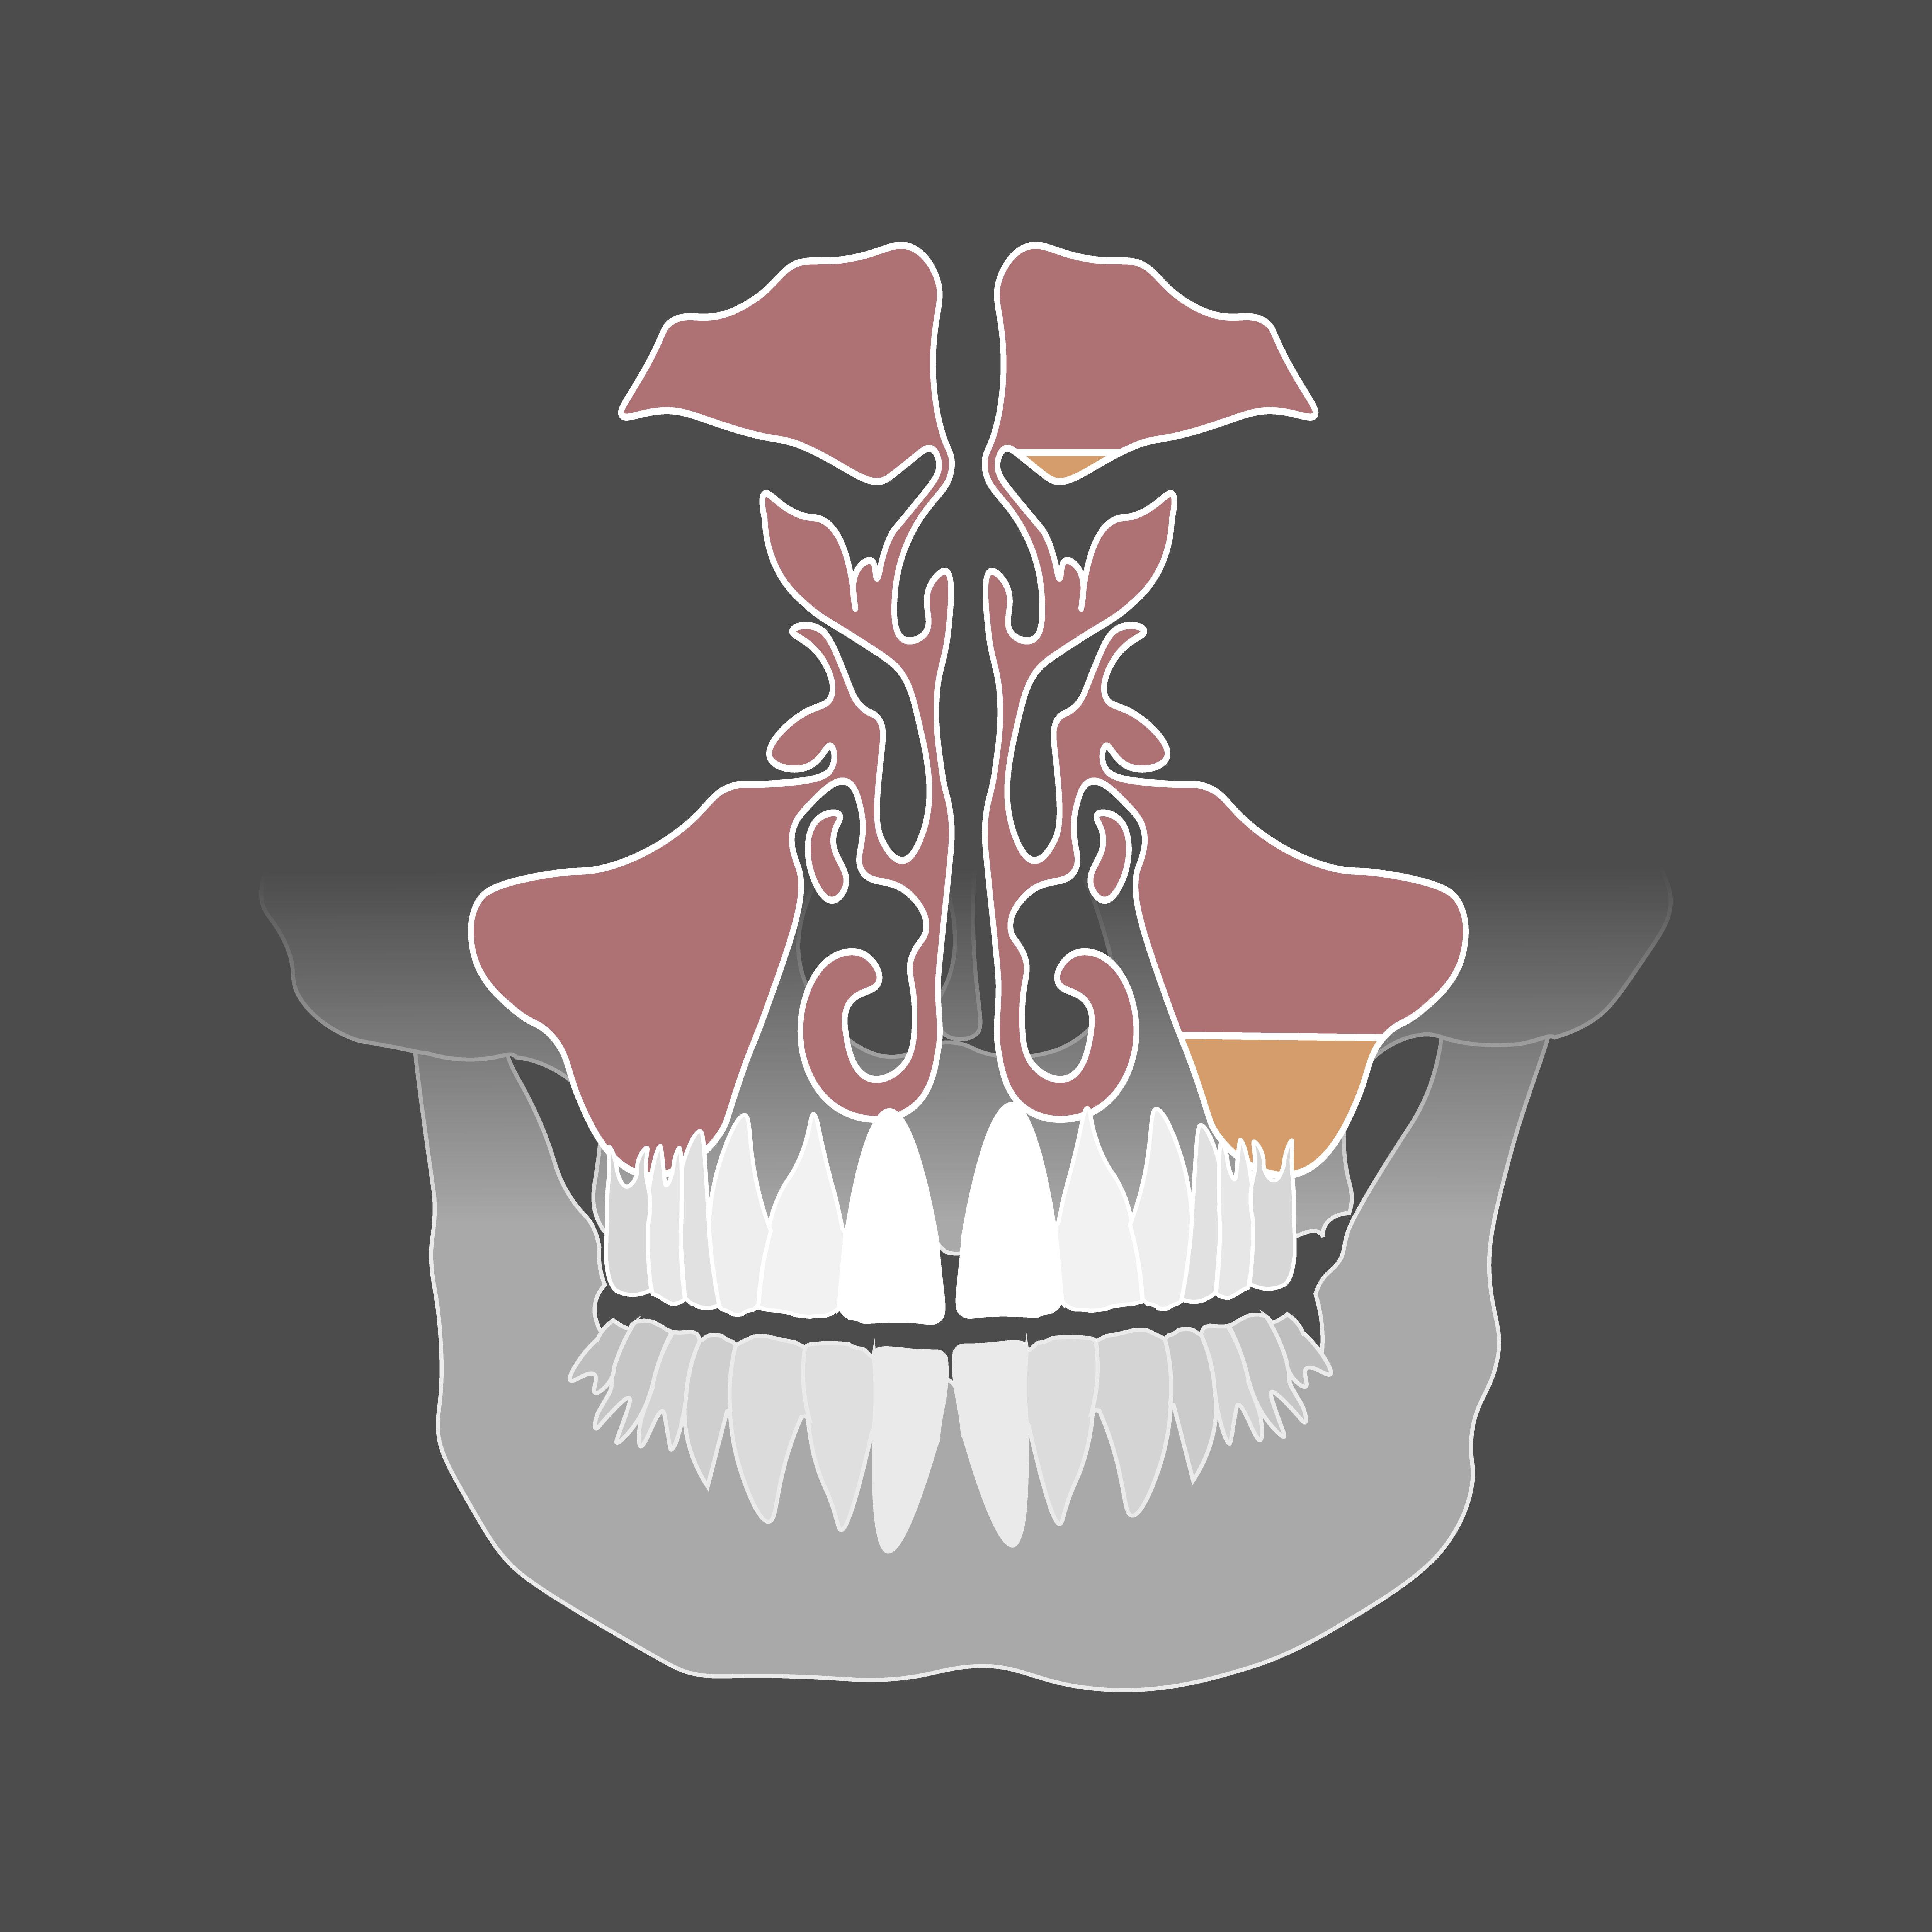 Usunięcie torbieli szczęki lub żuchwy (wyłuszczenie, wyłyżeczkowanie, wycięcie)